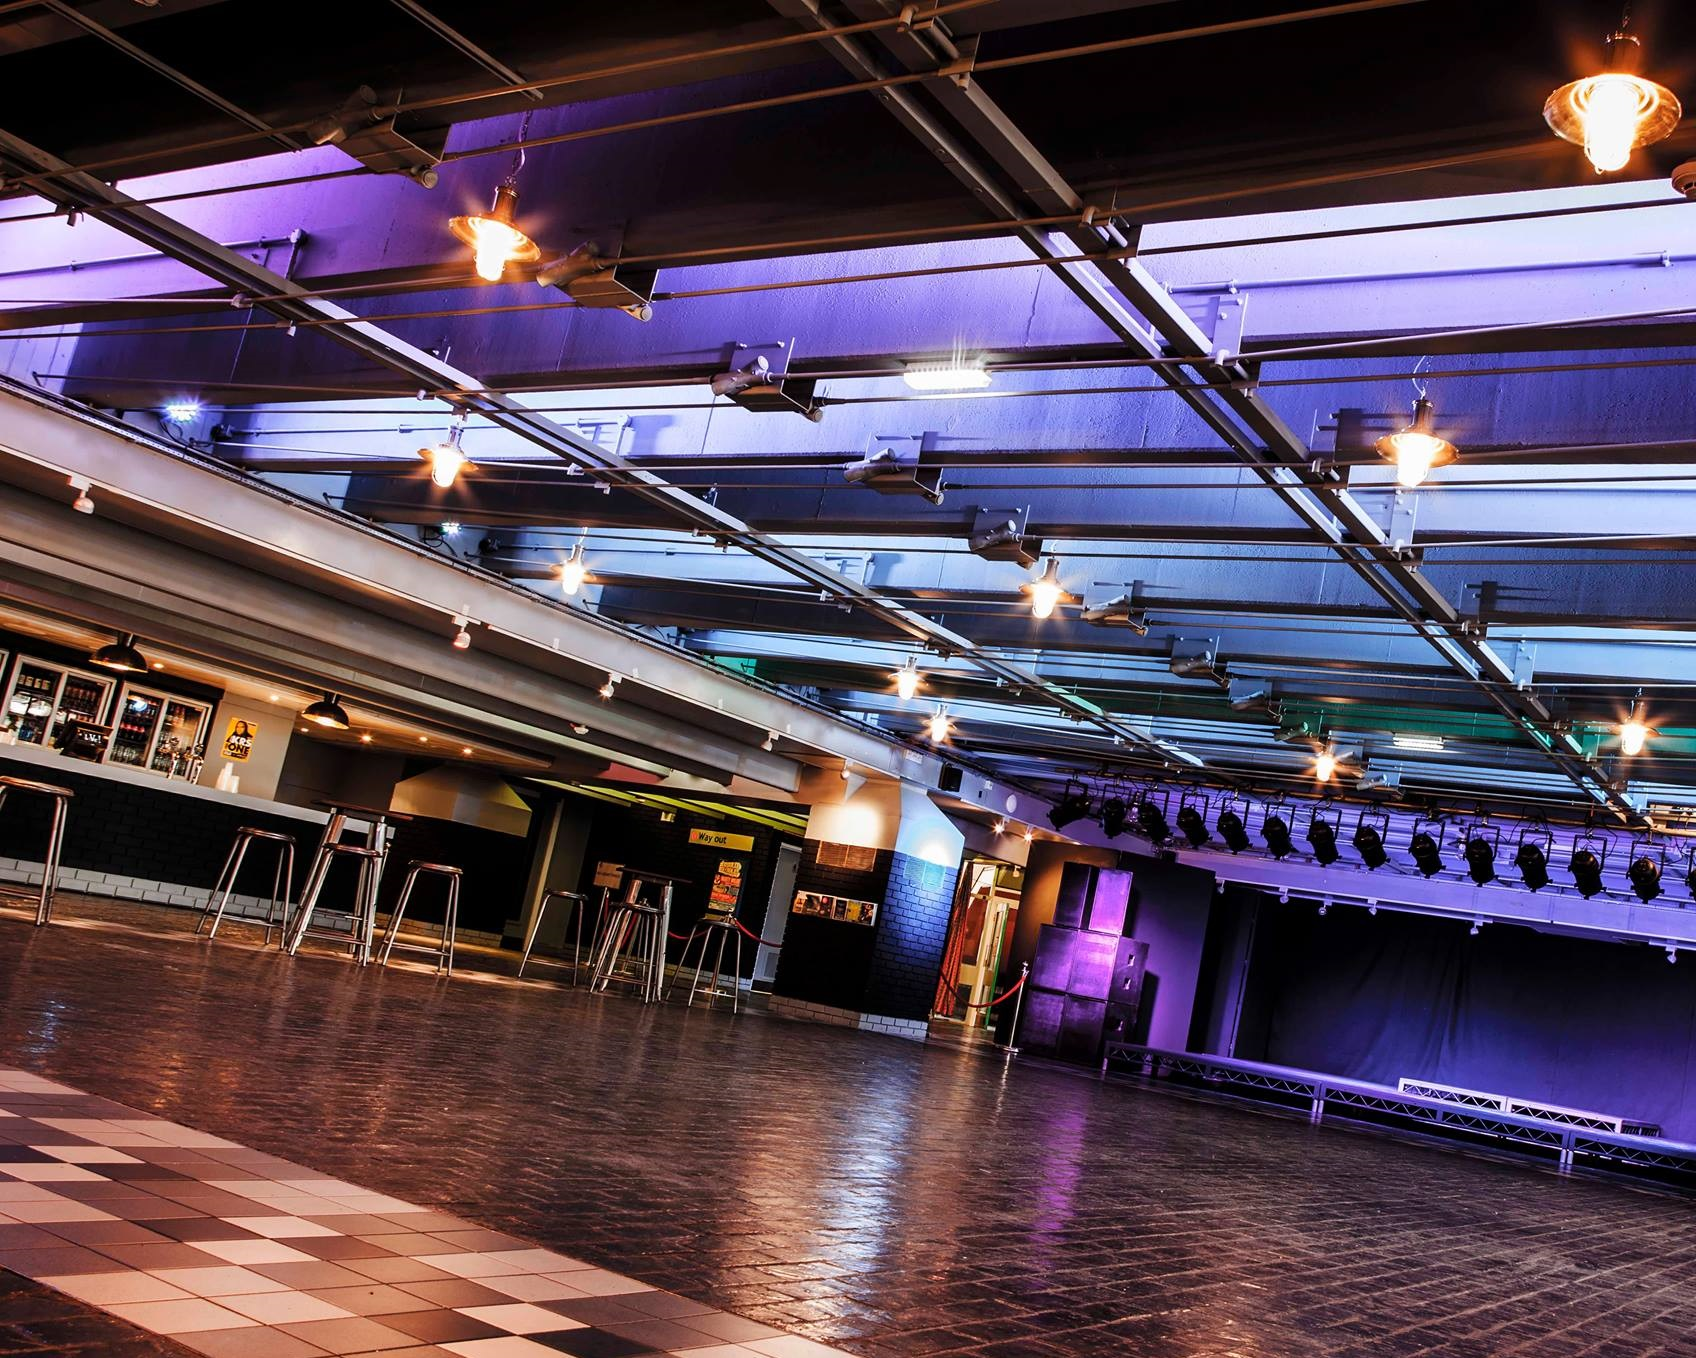 New LiVe music venue